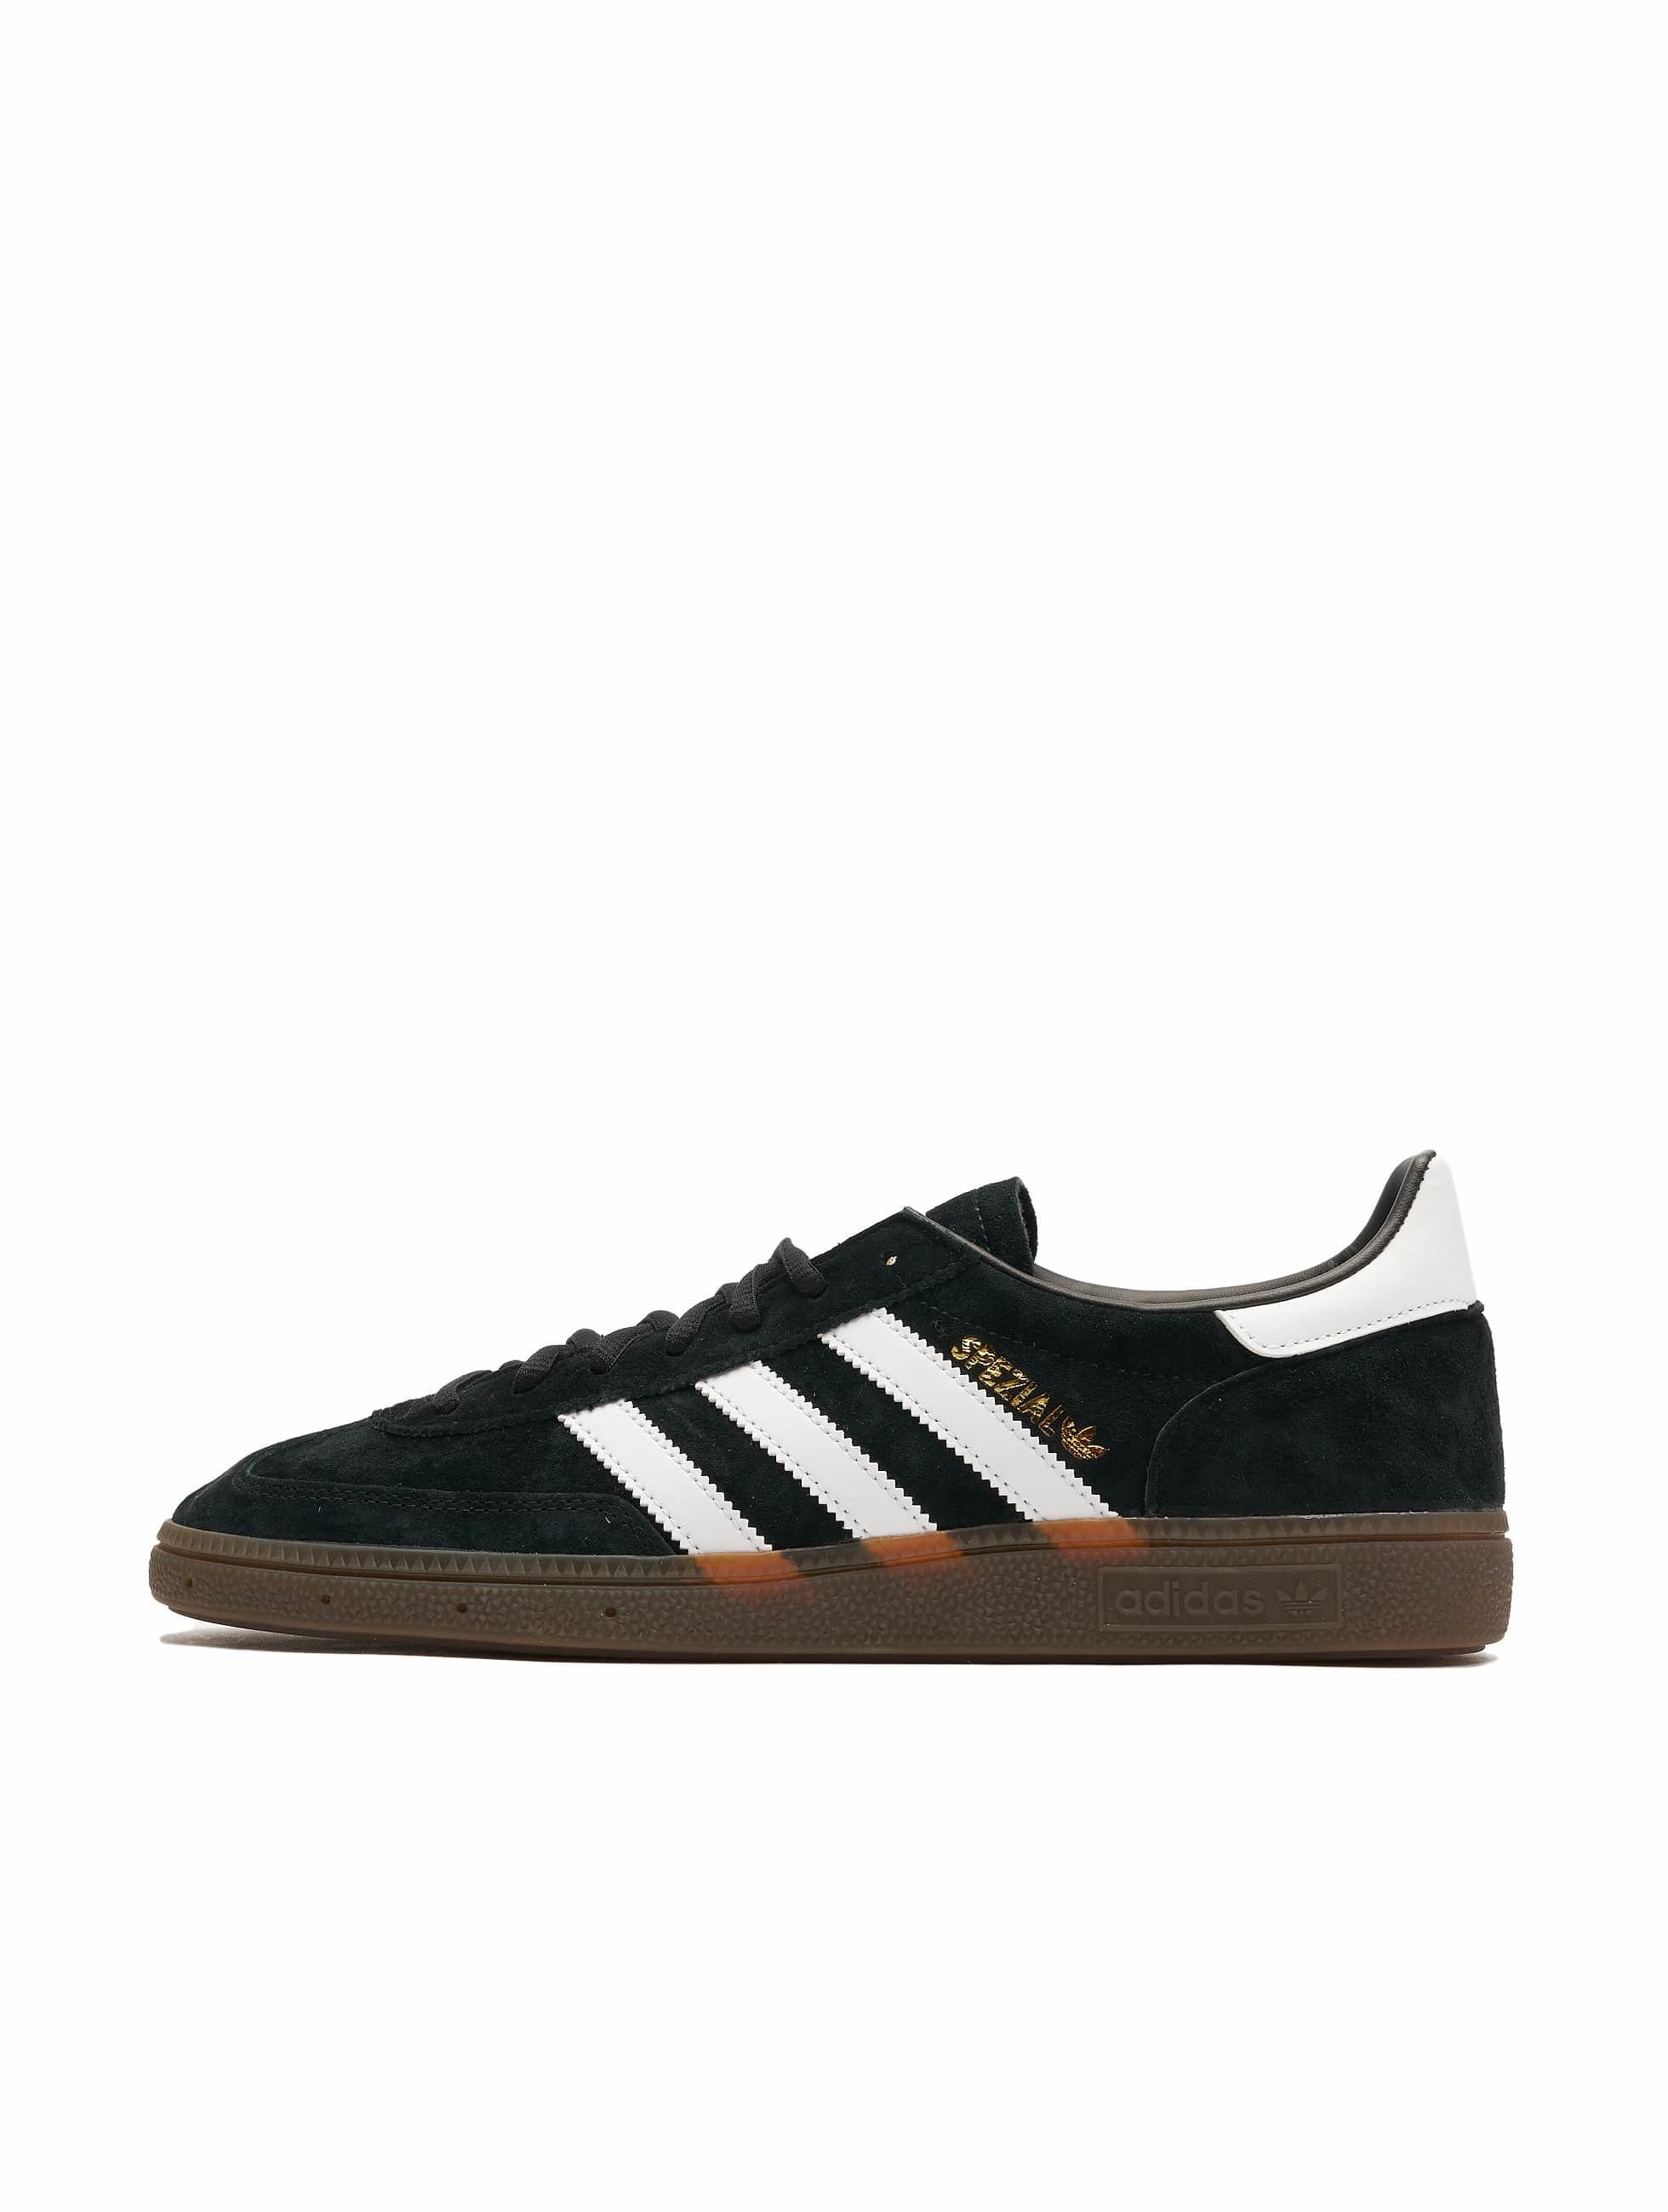 5a3bf001f6e adidas originals schoen / sneaker Handball Spezial in zwart 616953